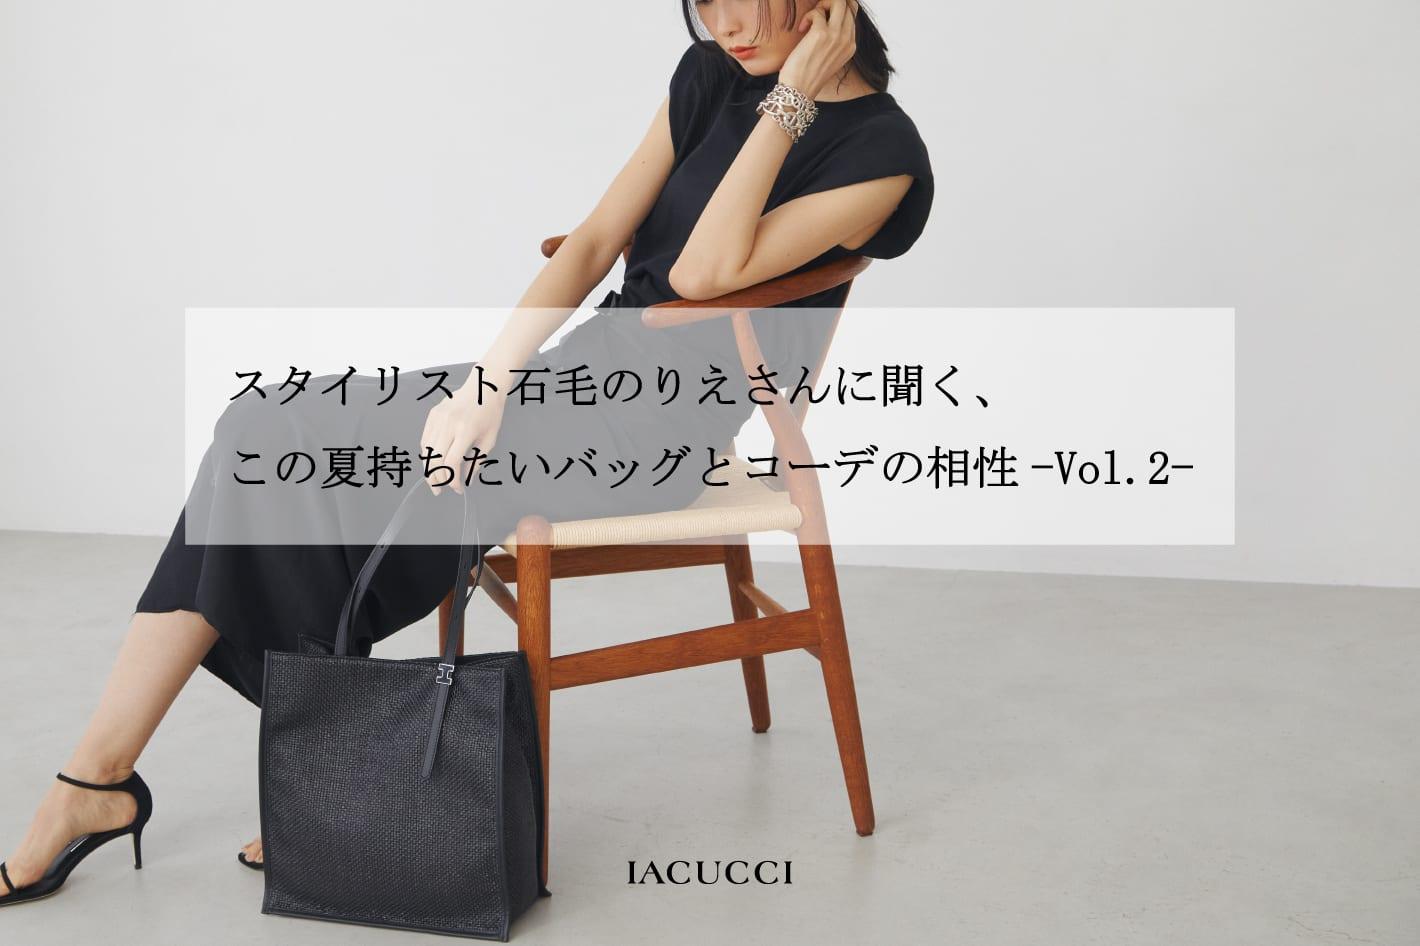 IACUCCI スタイリスト石毛のりえさんに聞く、この夏持ちたいバッグとコーデの相性‐Vol.2‐